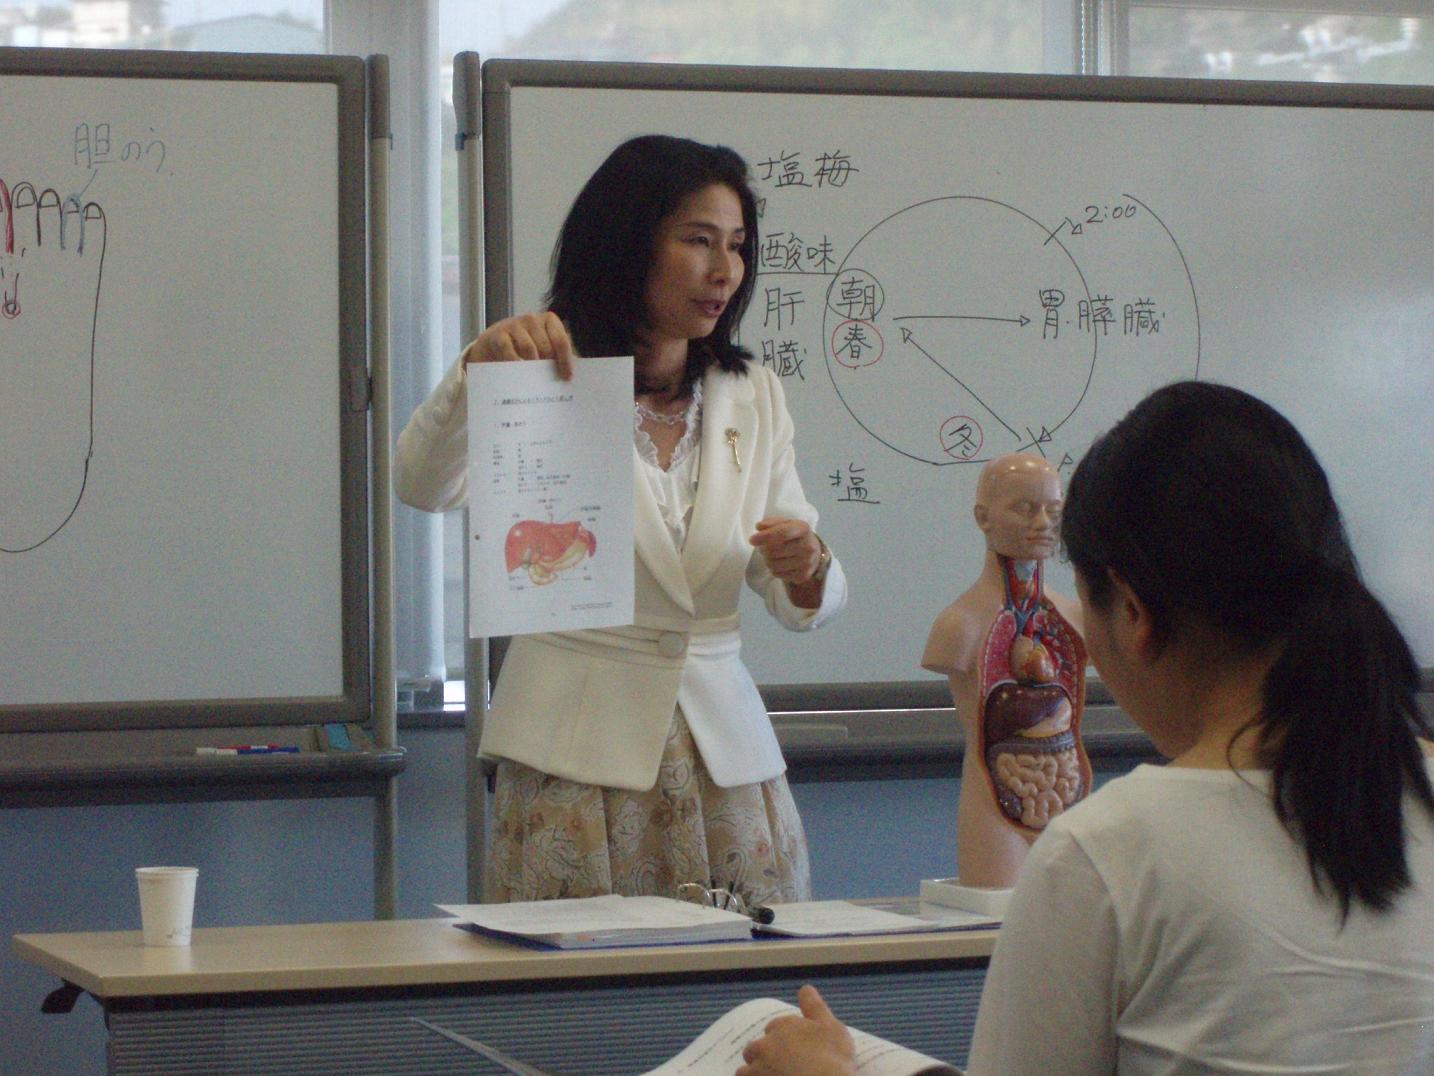 日本滞在記⑦ 広島レベル2の講義と調理実習_f0095325_1321196.jpg